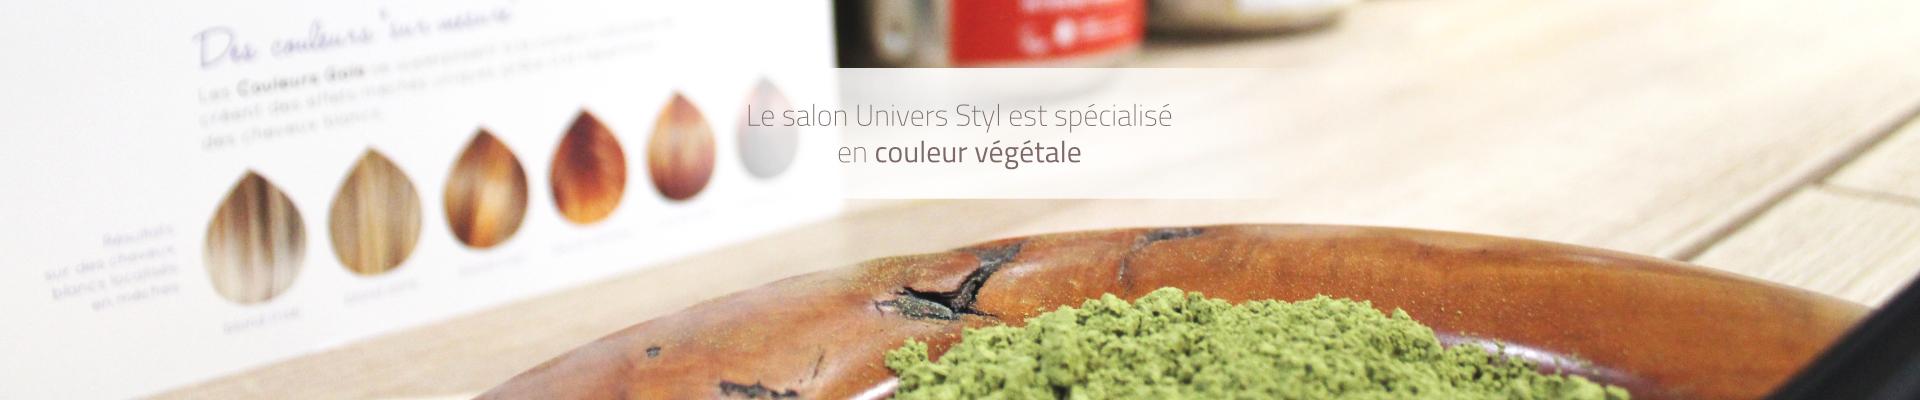 Bannière Salon Univers Styl couleur végétale